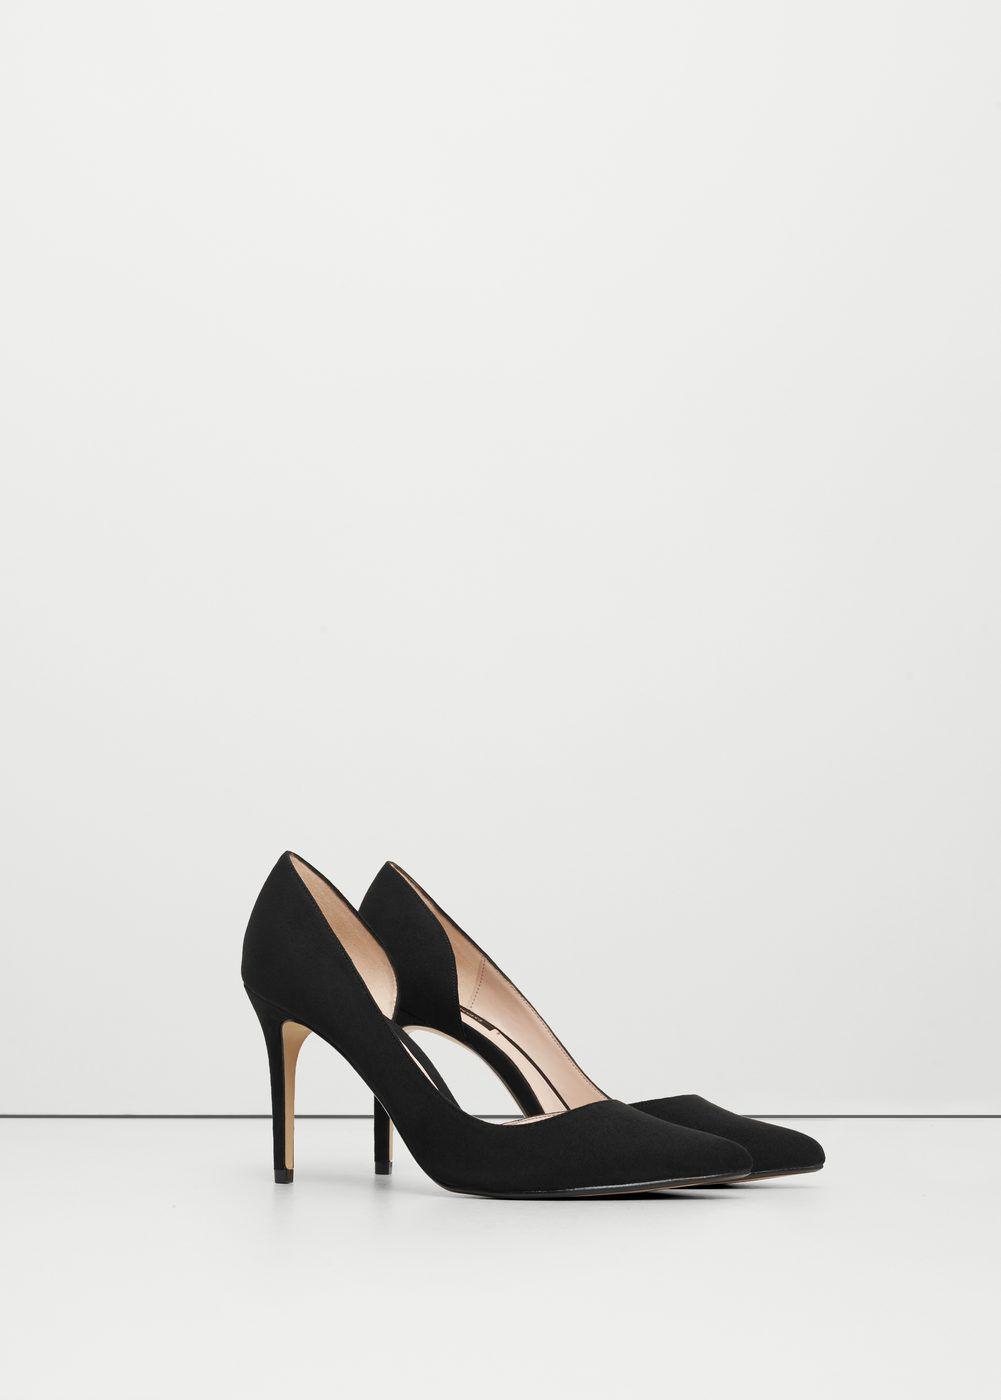 08d5dd51cda7c Escarpins - Chaussures pour Femme   MANGO France